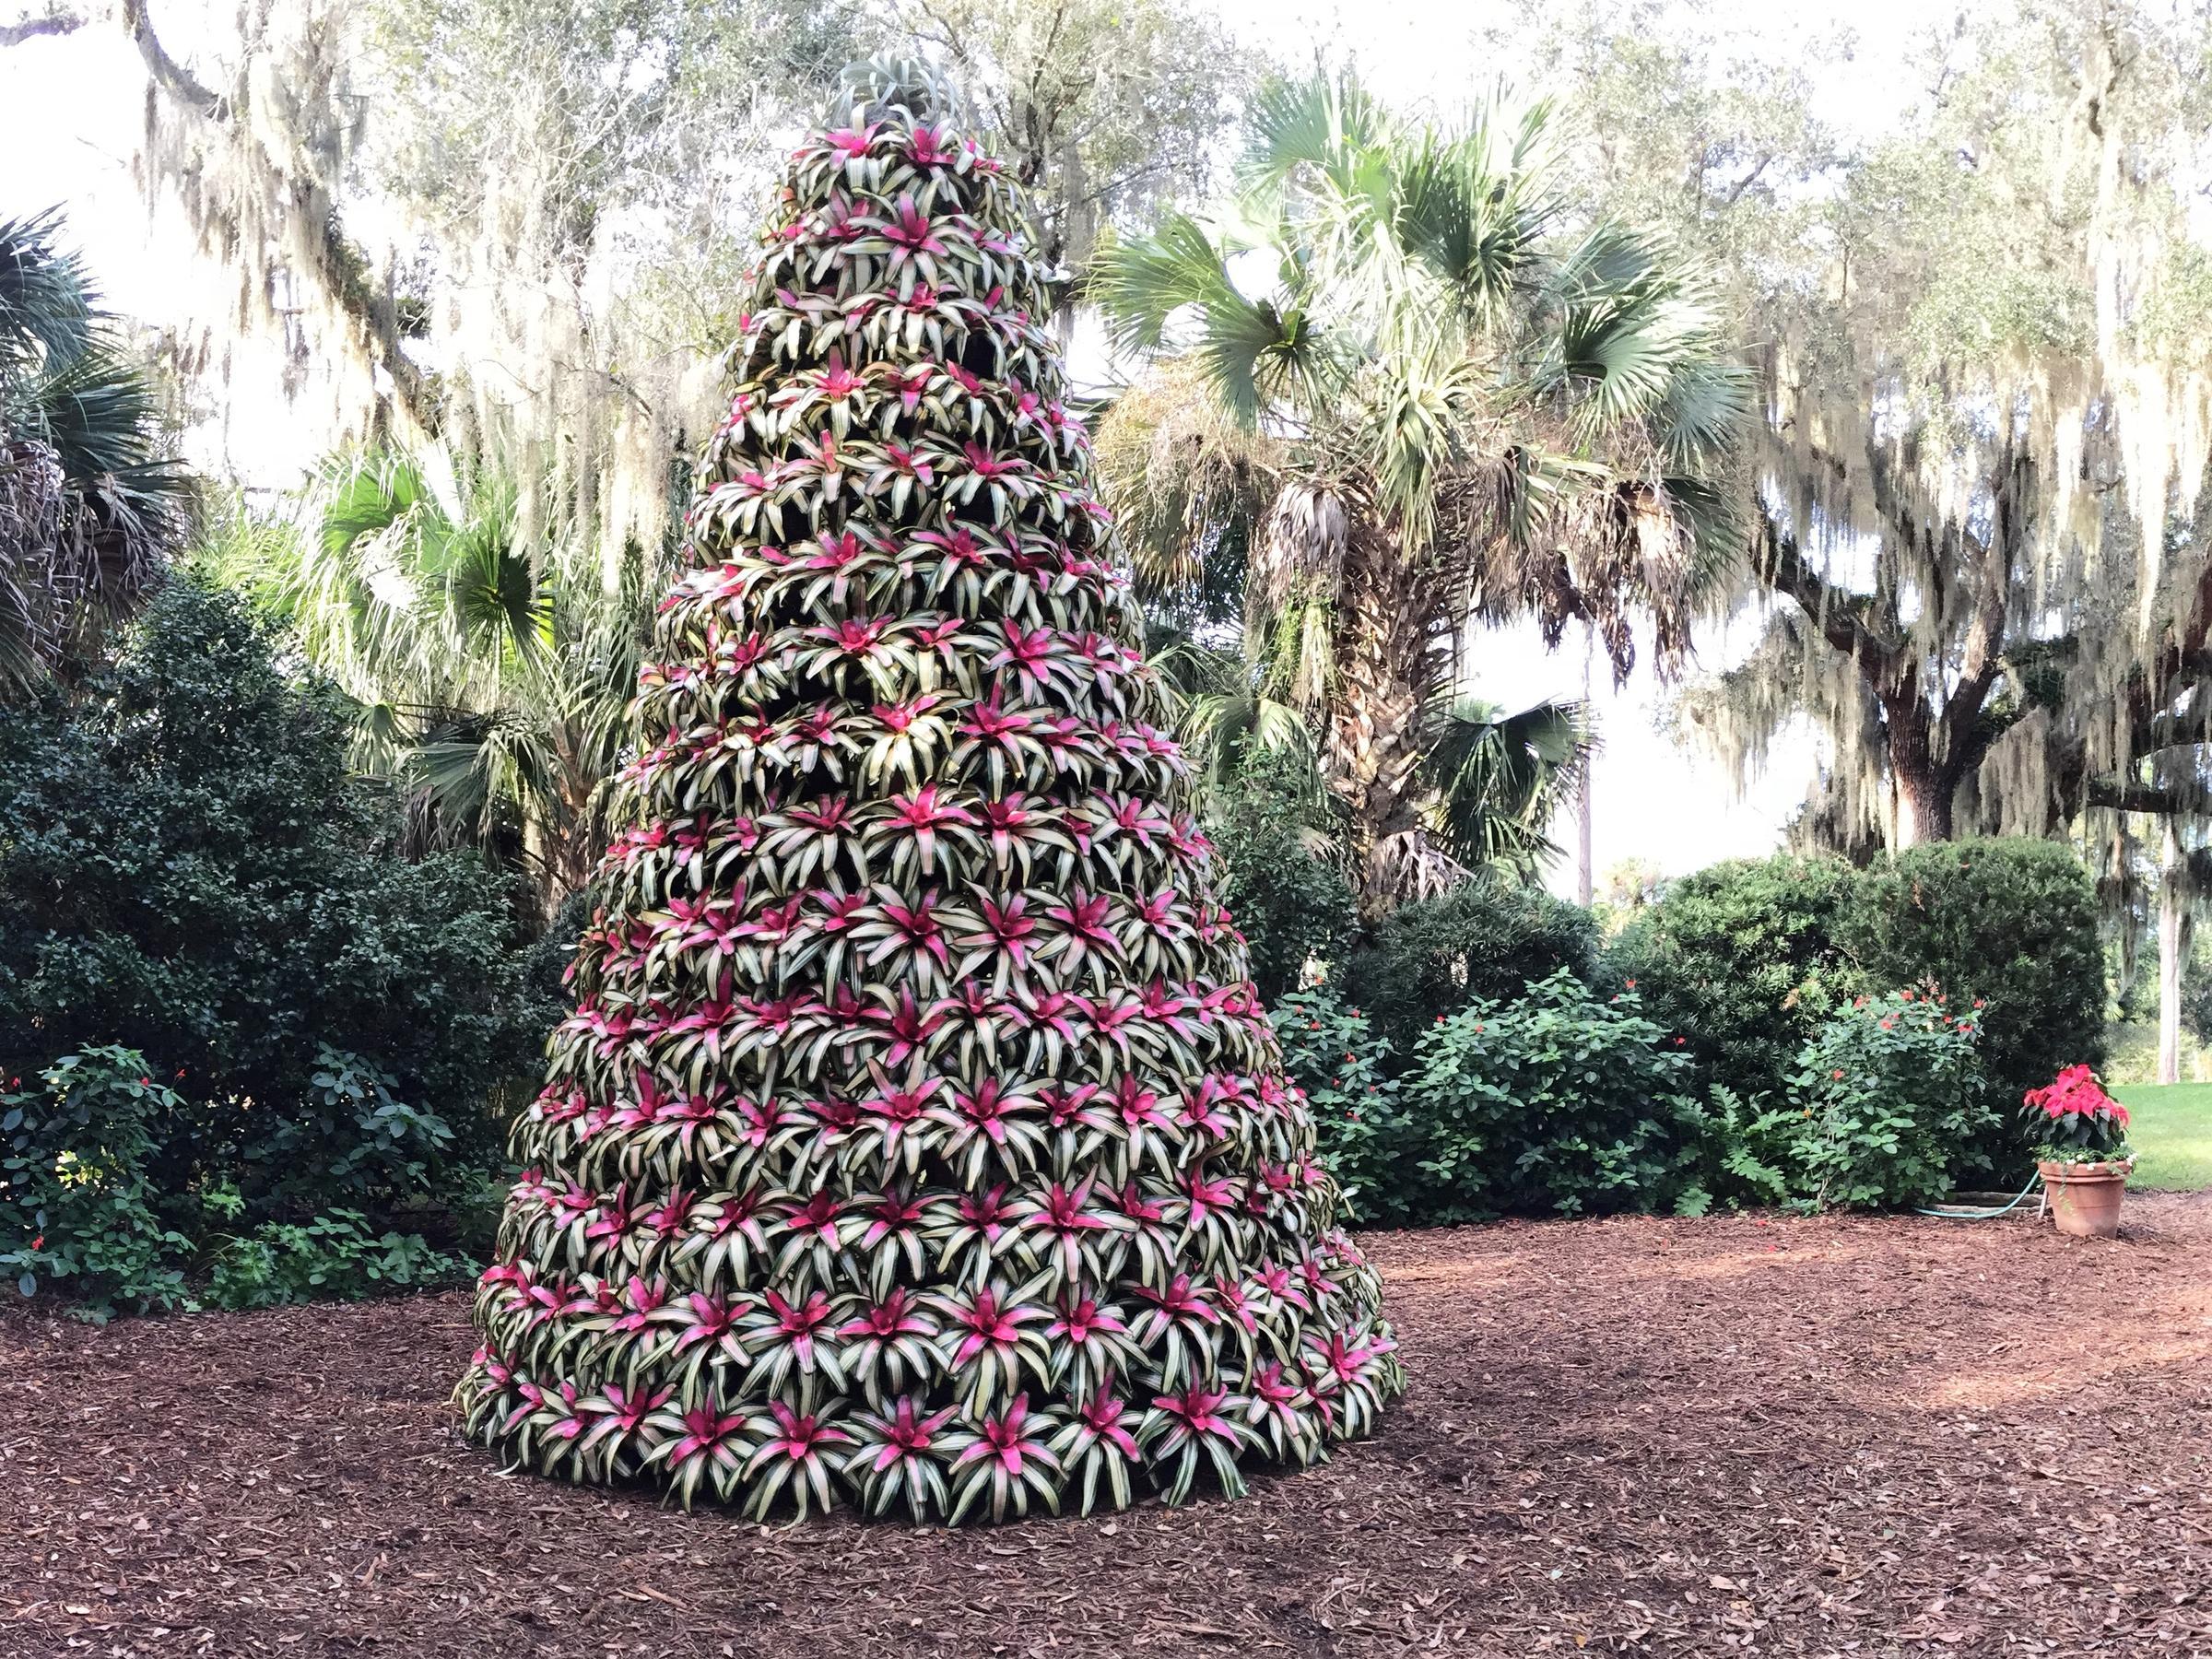 Watch: Bok Tower Gardens Bromeliad Tree | WUSF News